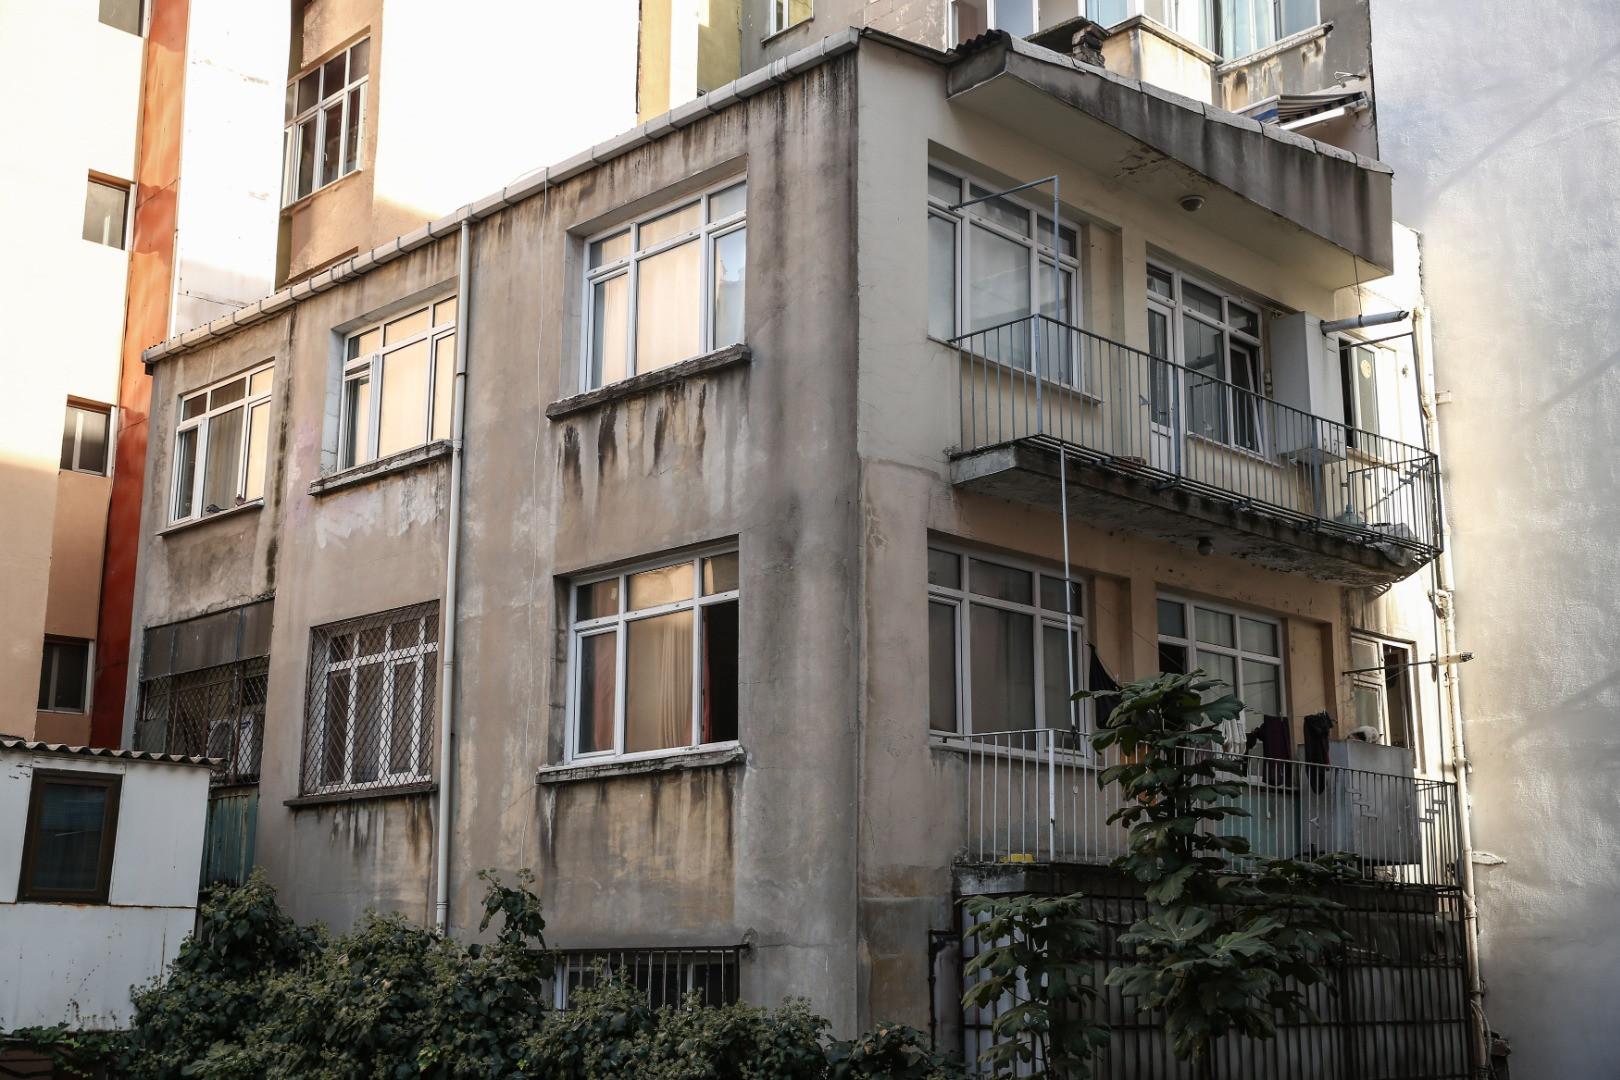 İstanbul'da 4 kardeşin ölü bulunduğu evden yürek parçalayan görüntüler